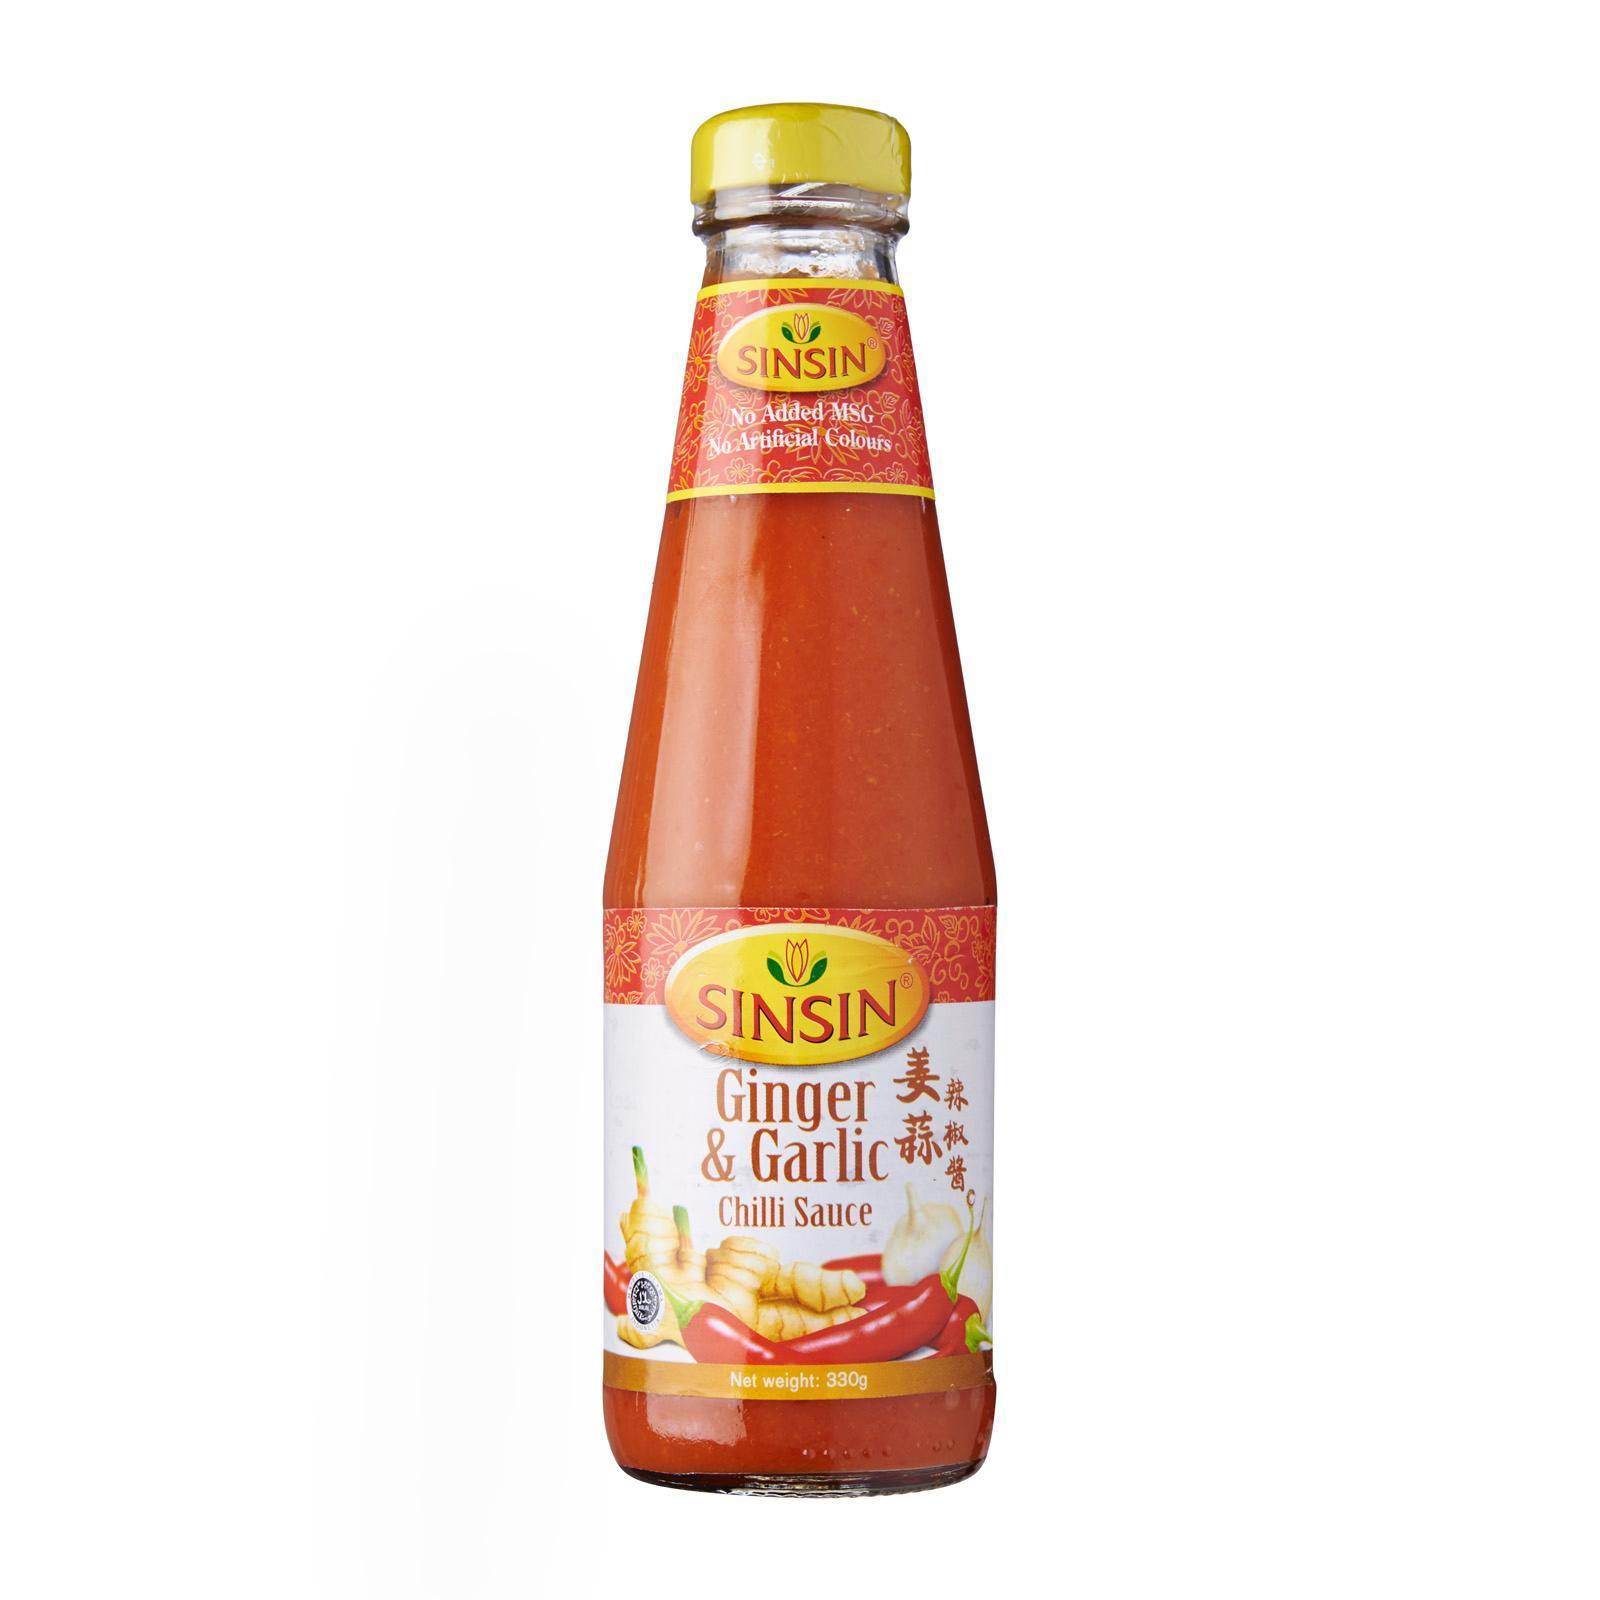 Sinsin Ginger and Garlic Chilli Sauce